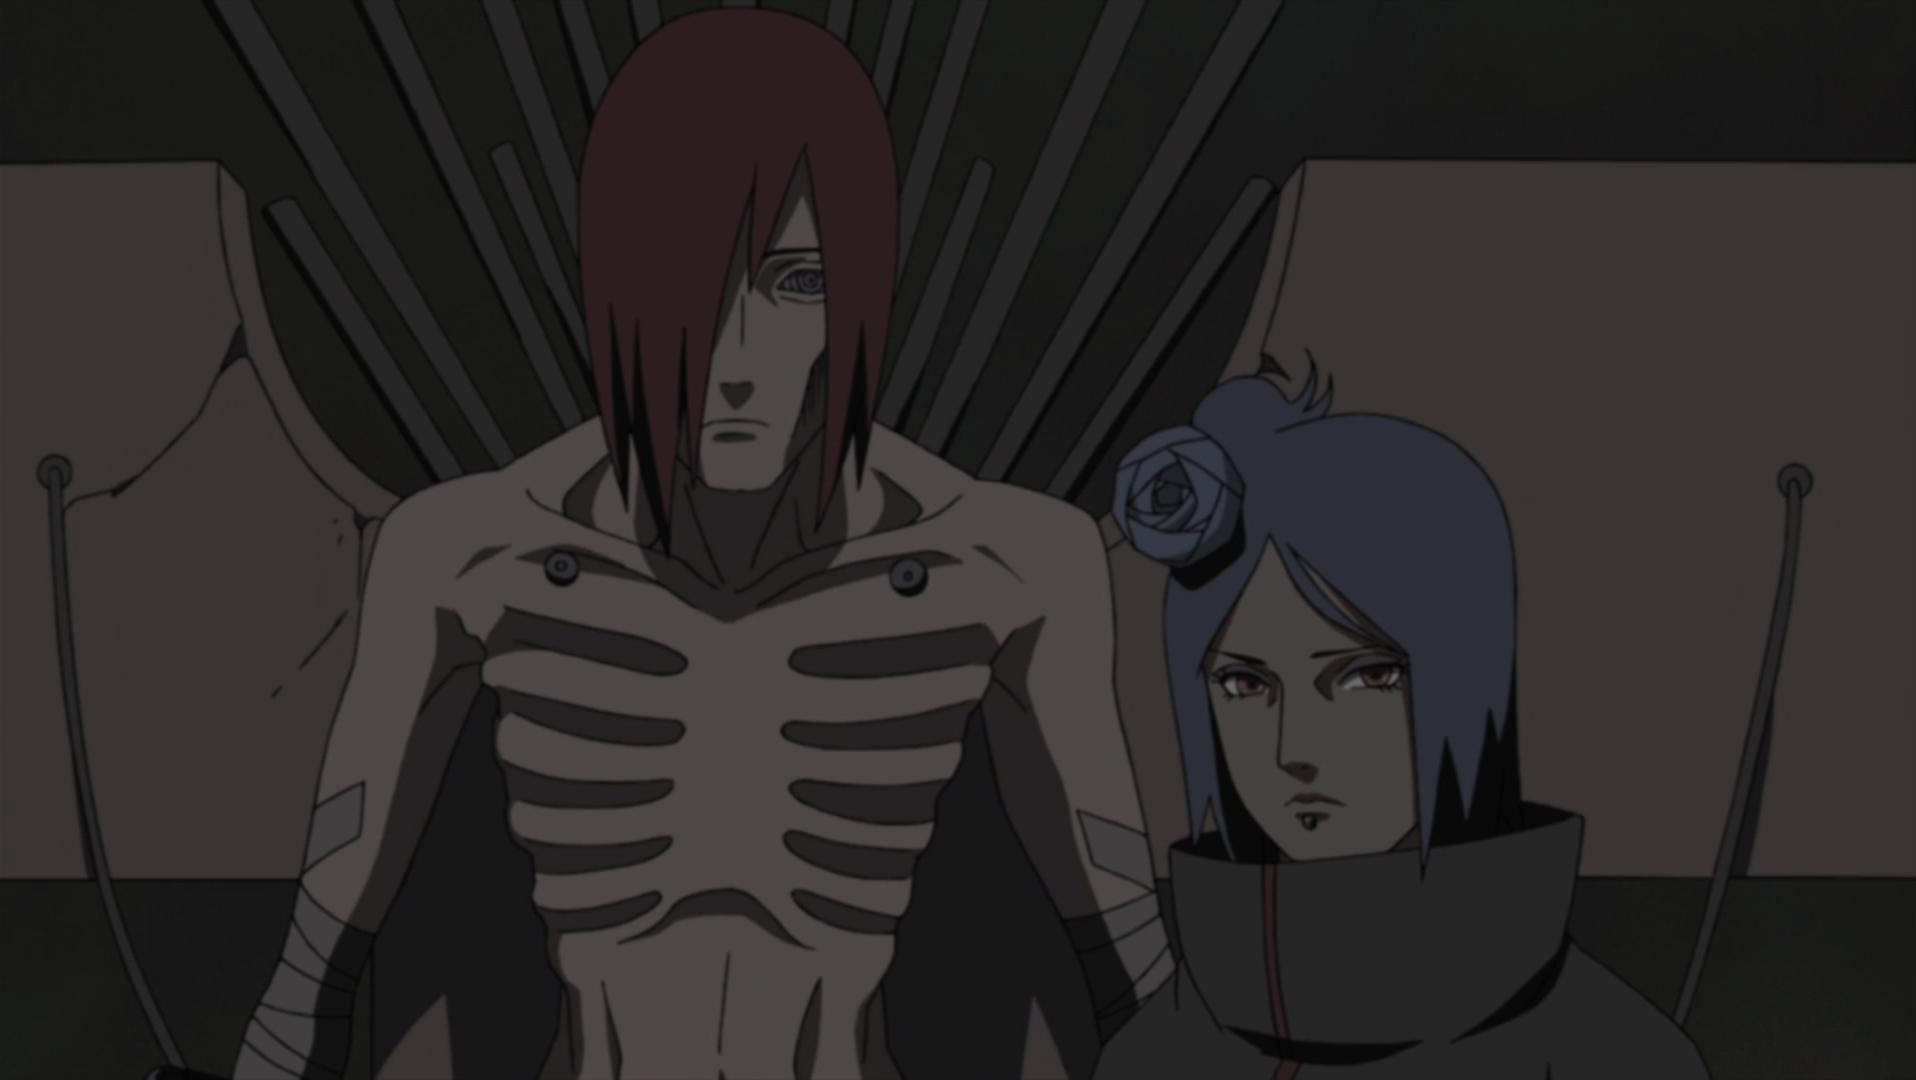 NARUTO Image #1432539 - Zerochan Anime Image Board